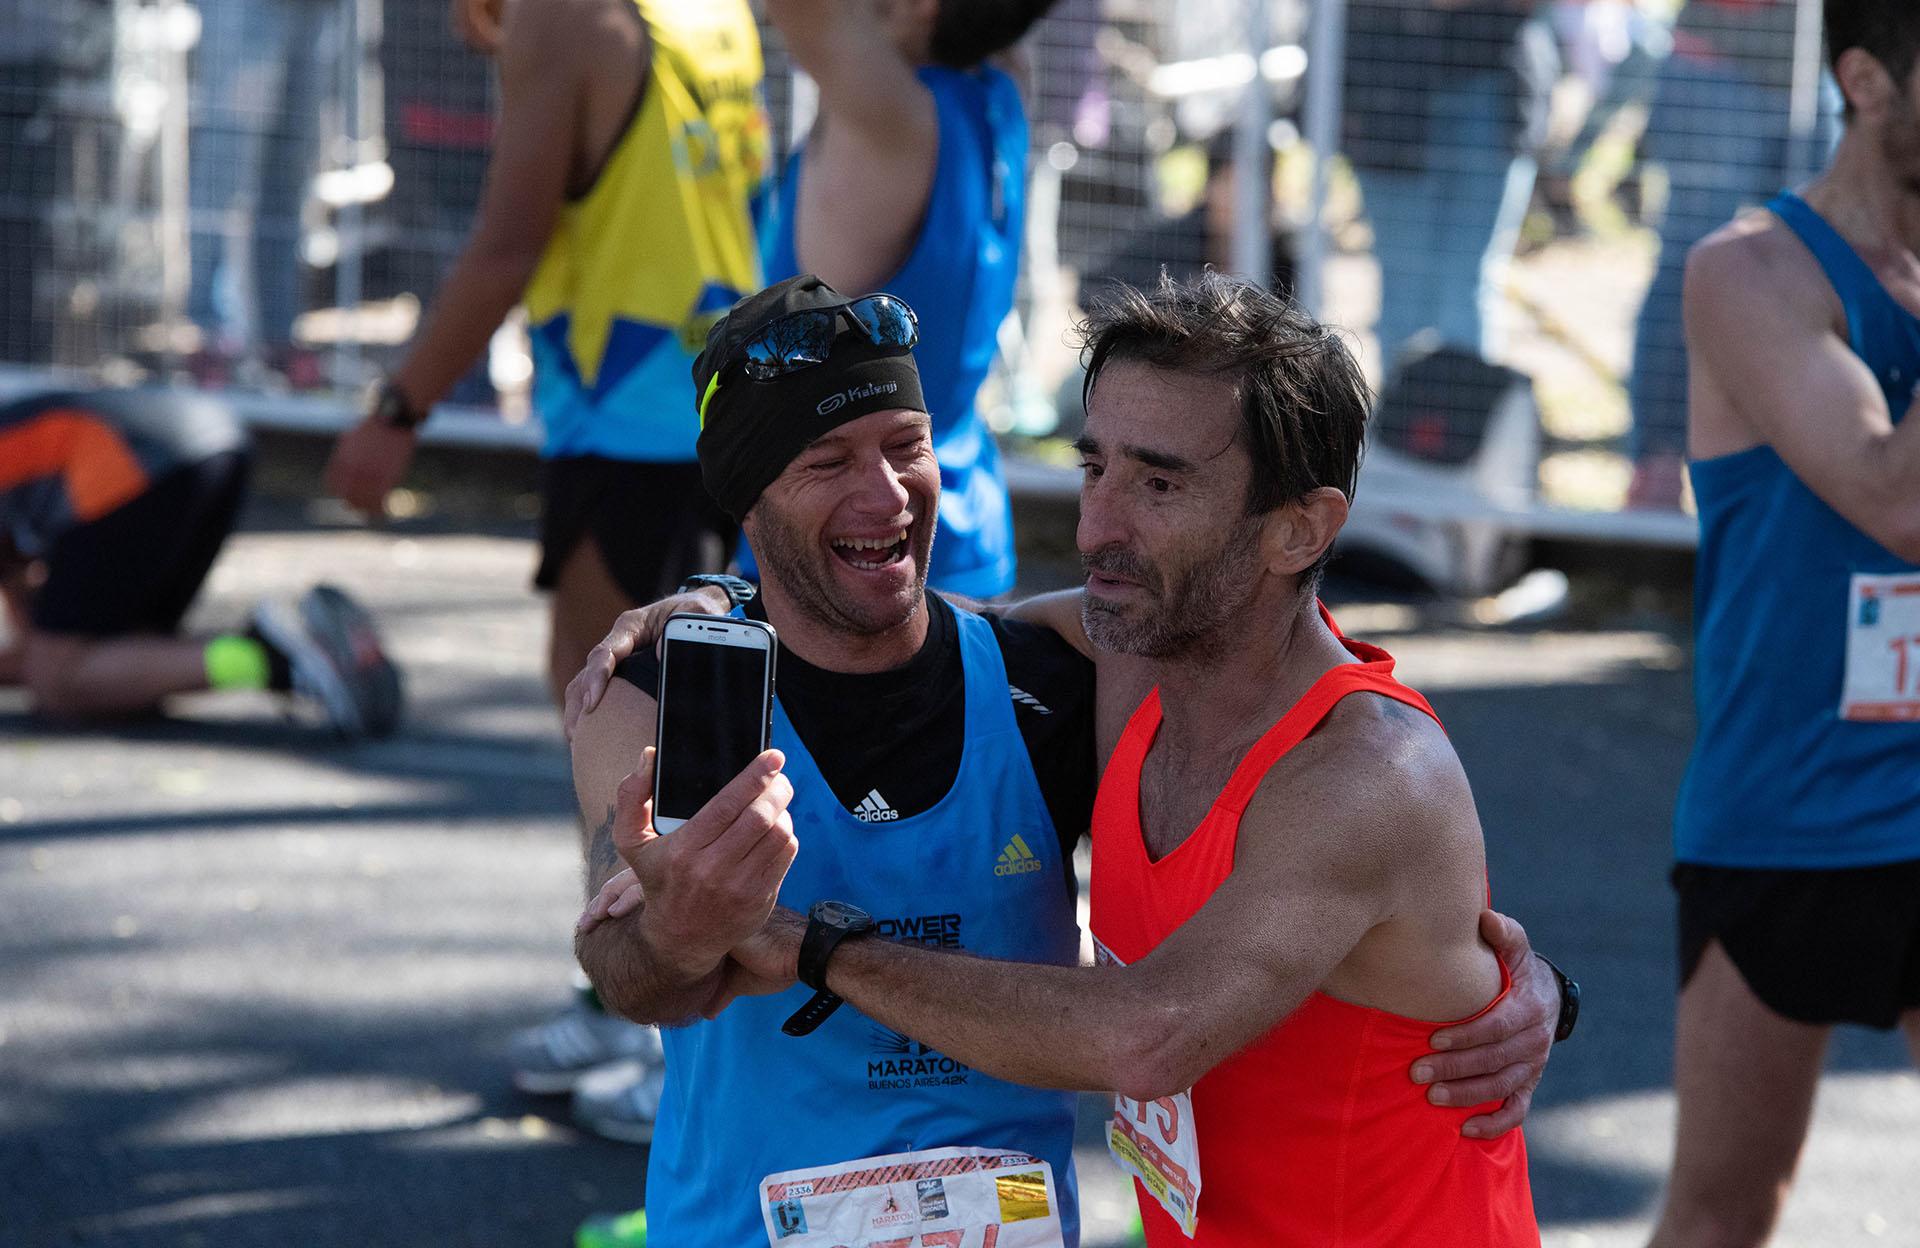 Para la gran mayoría de los participantes, el haber completado la carrera fue el mayor de sus triunfos